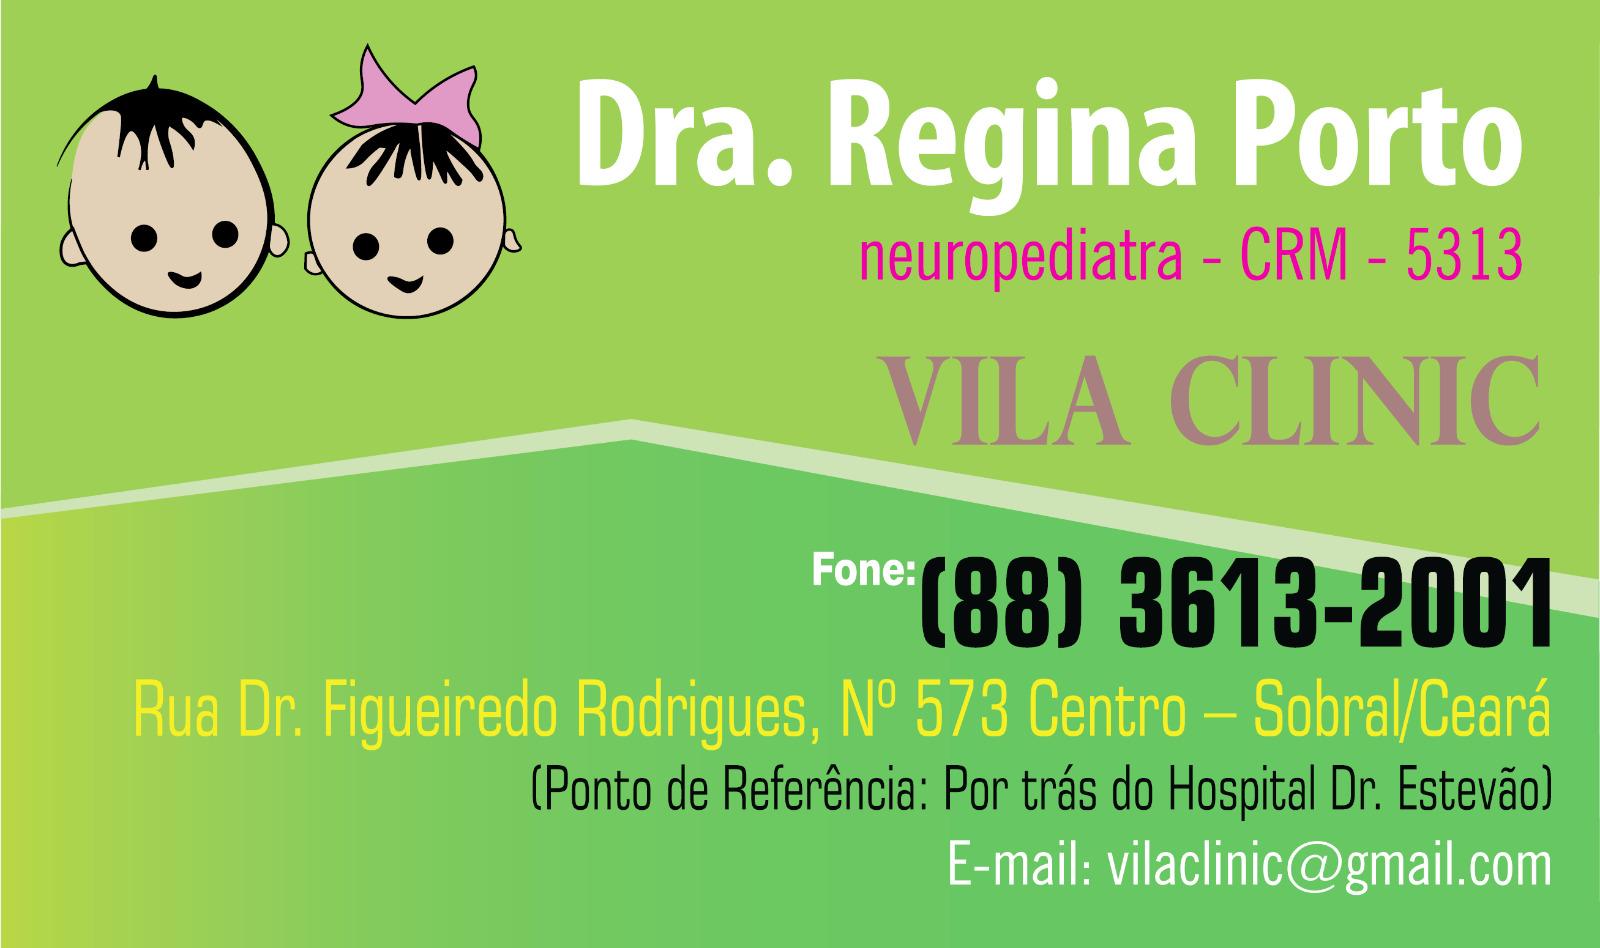 Drª REGINA PORTO